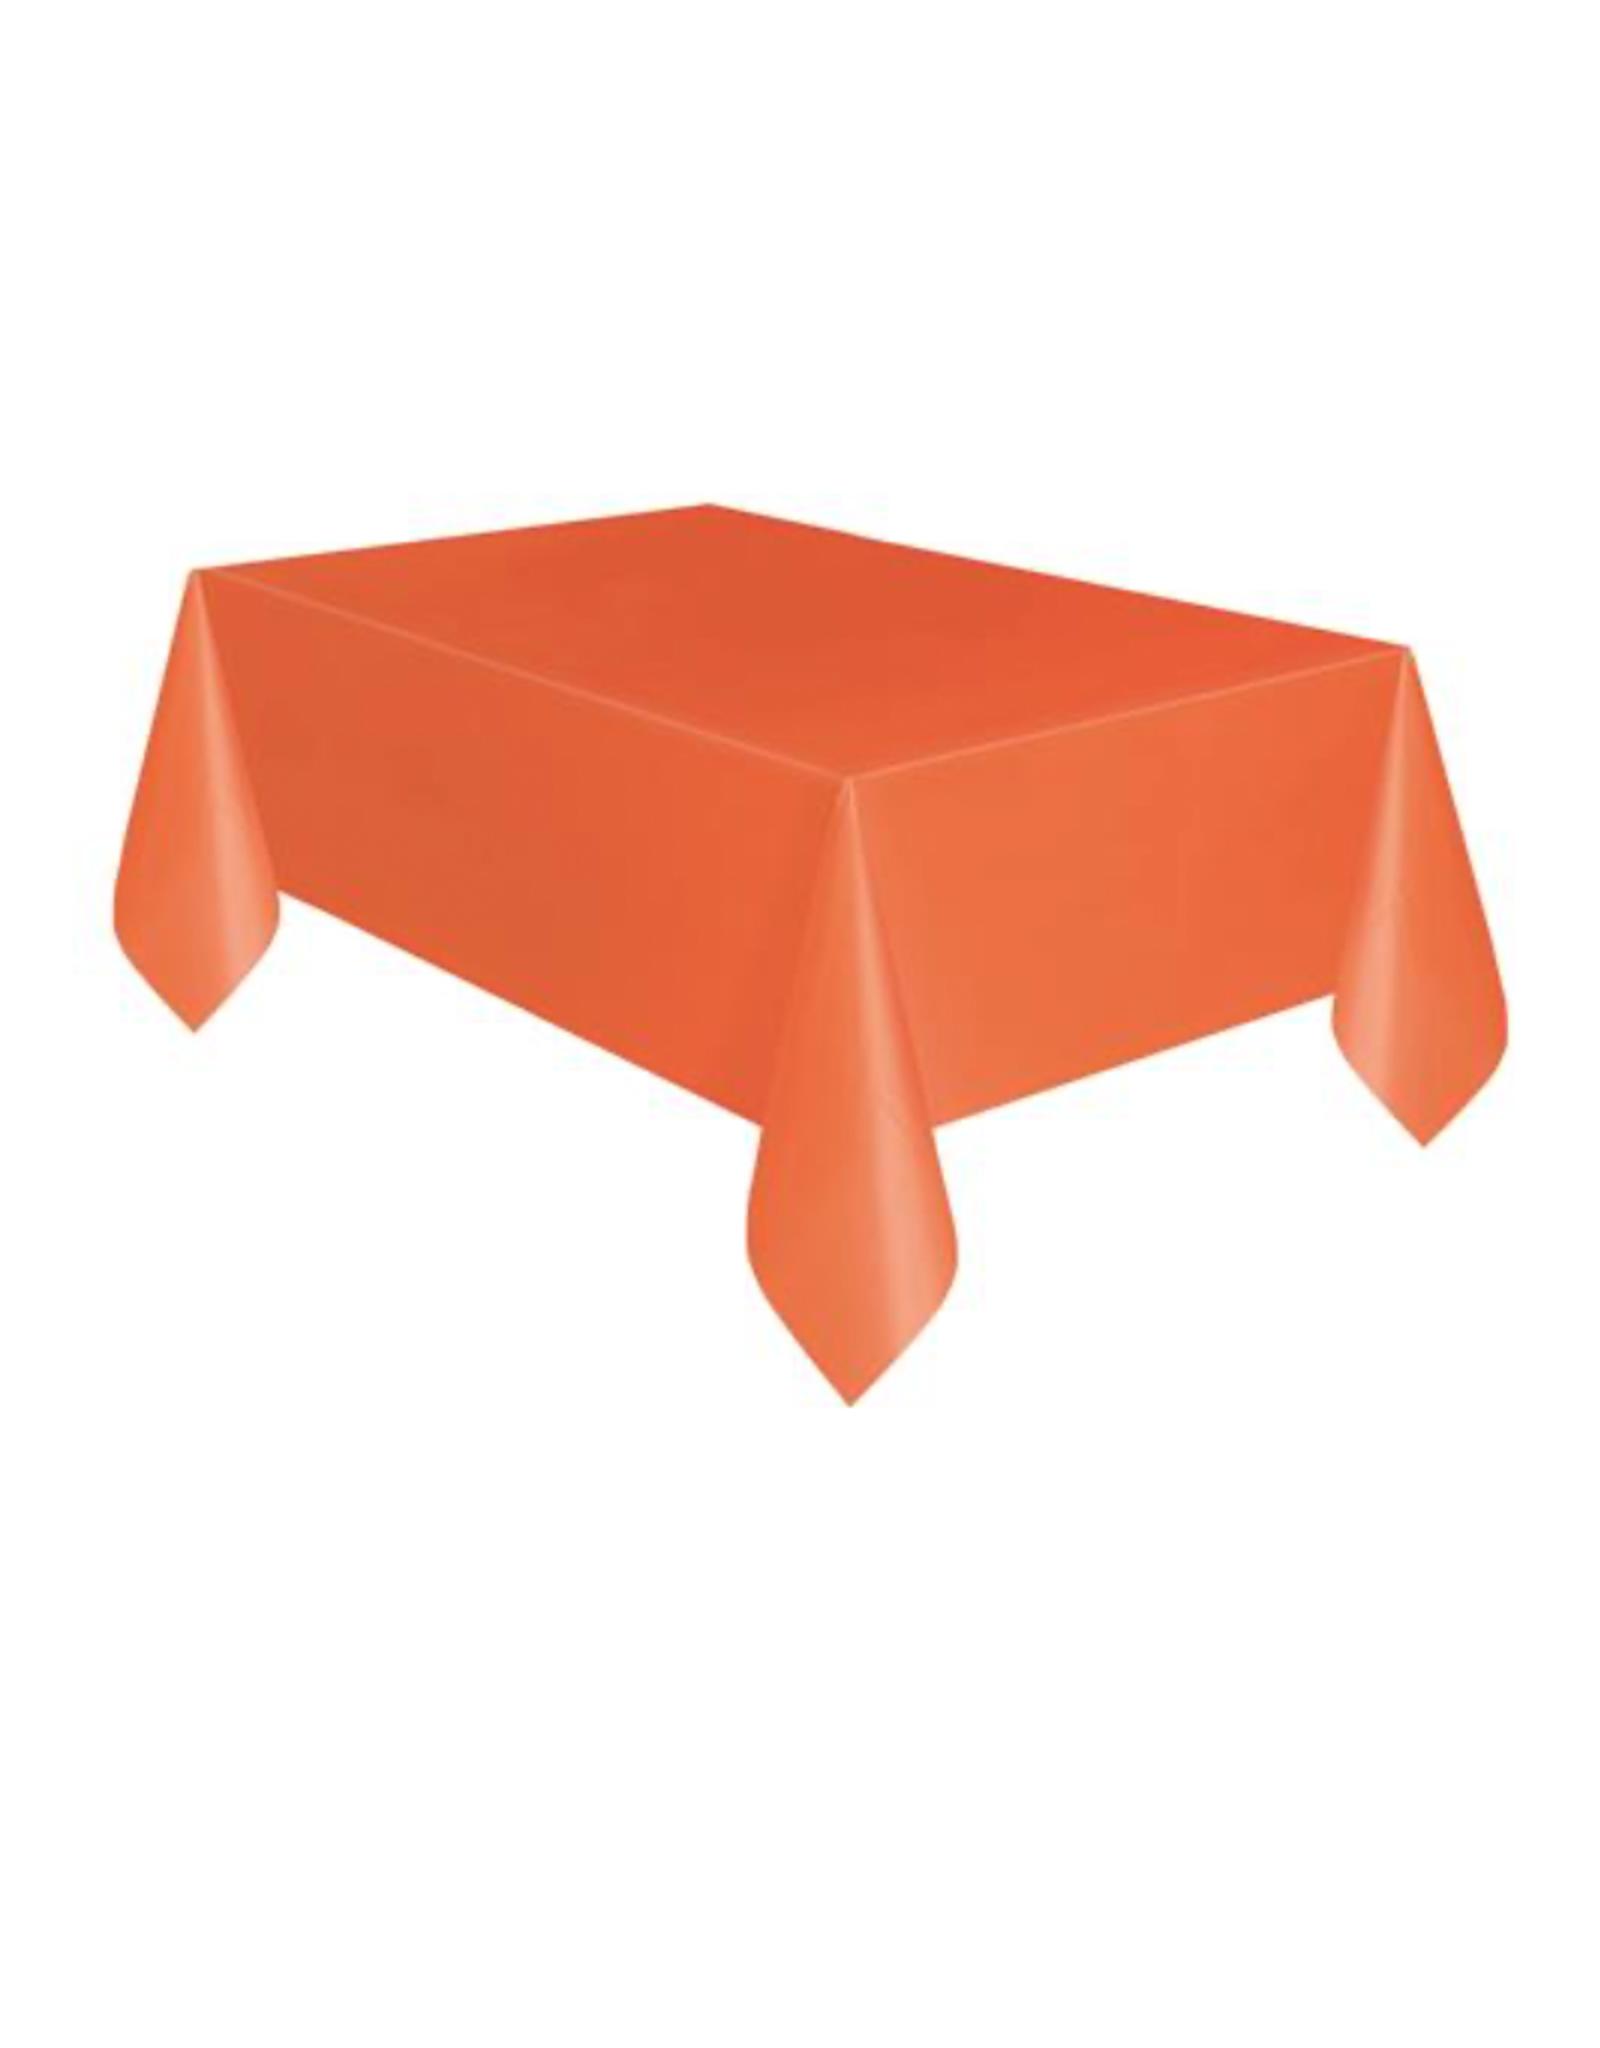 HAZA Plastic tafelkleed oranje | 140 x 274 cm